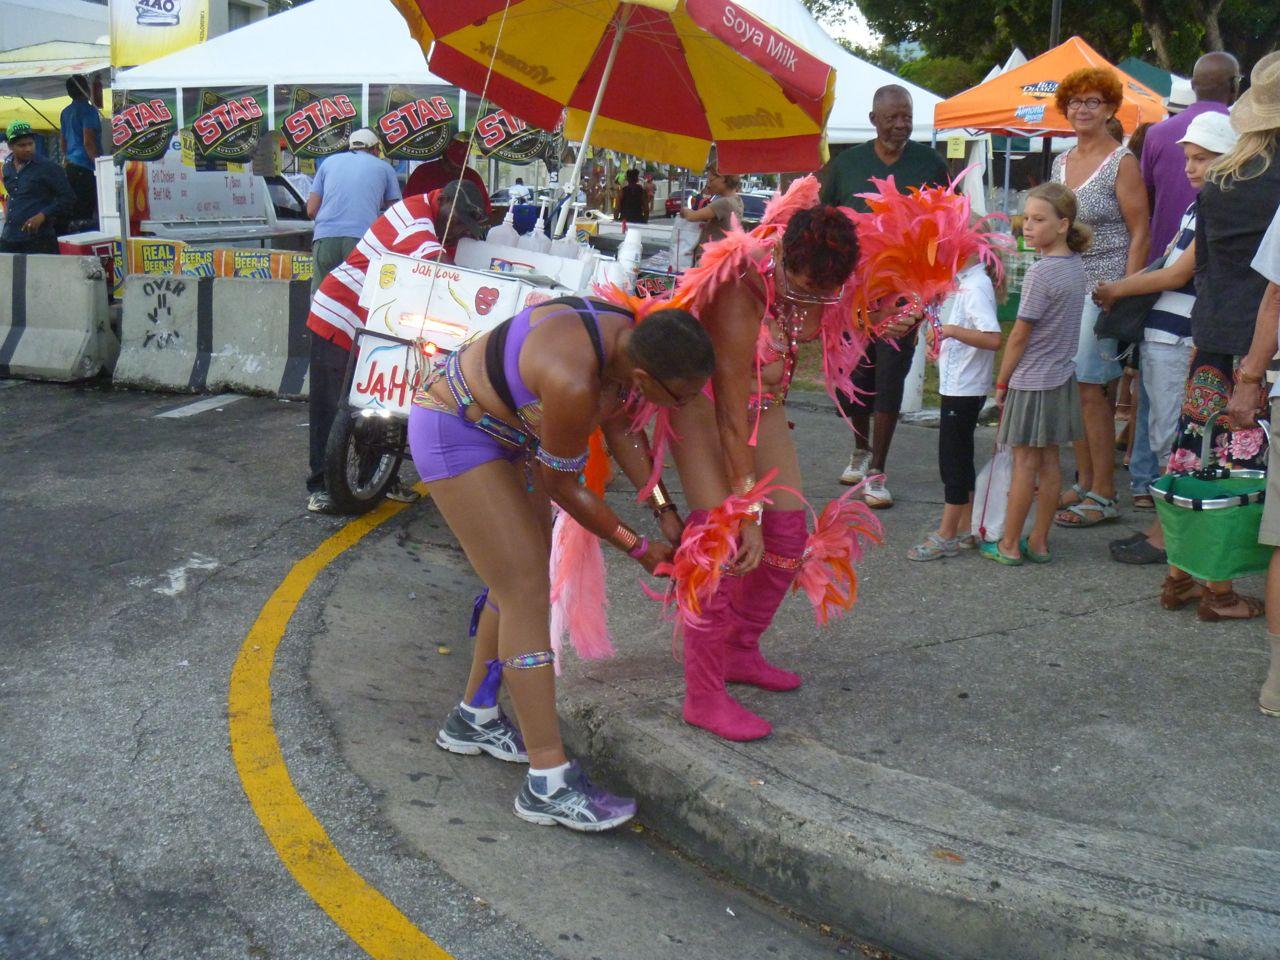 Anziehen des Kostüms vor dem offiziellen Beginn des Karnevals der Grande Parade in Trinidad